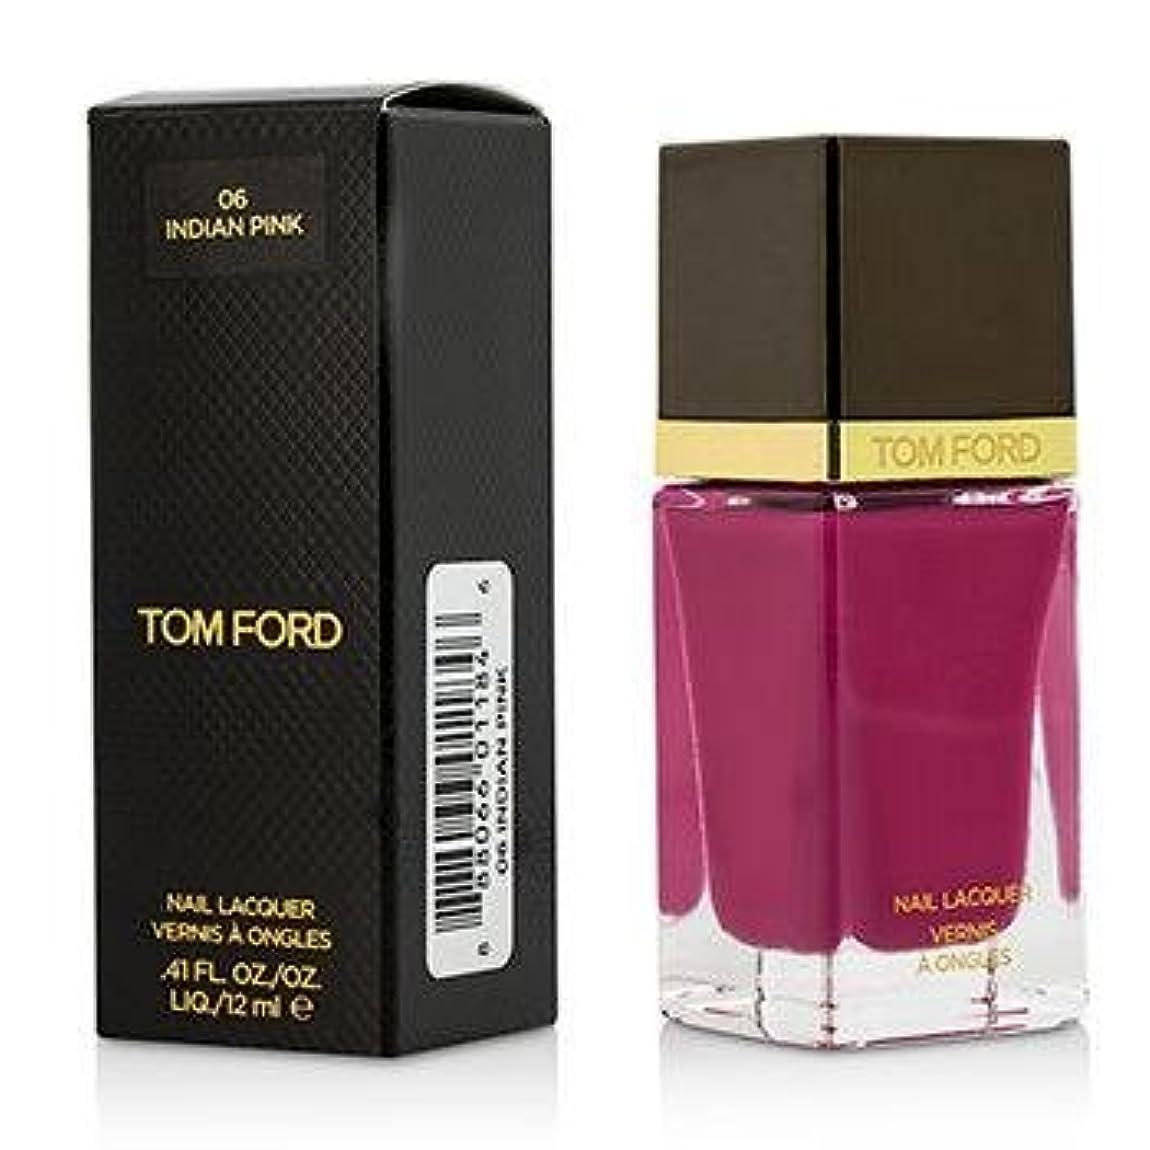 不条理告白する数値トム フォード Nail Lacquer - #06 Indian Pink 12ml/0.41oz